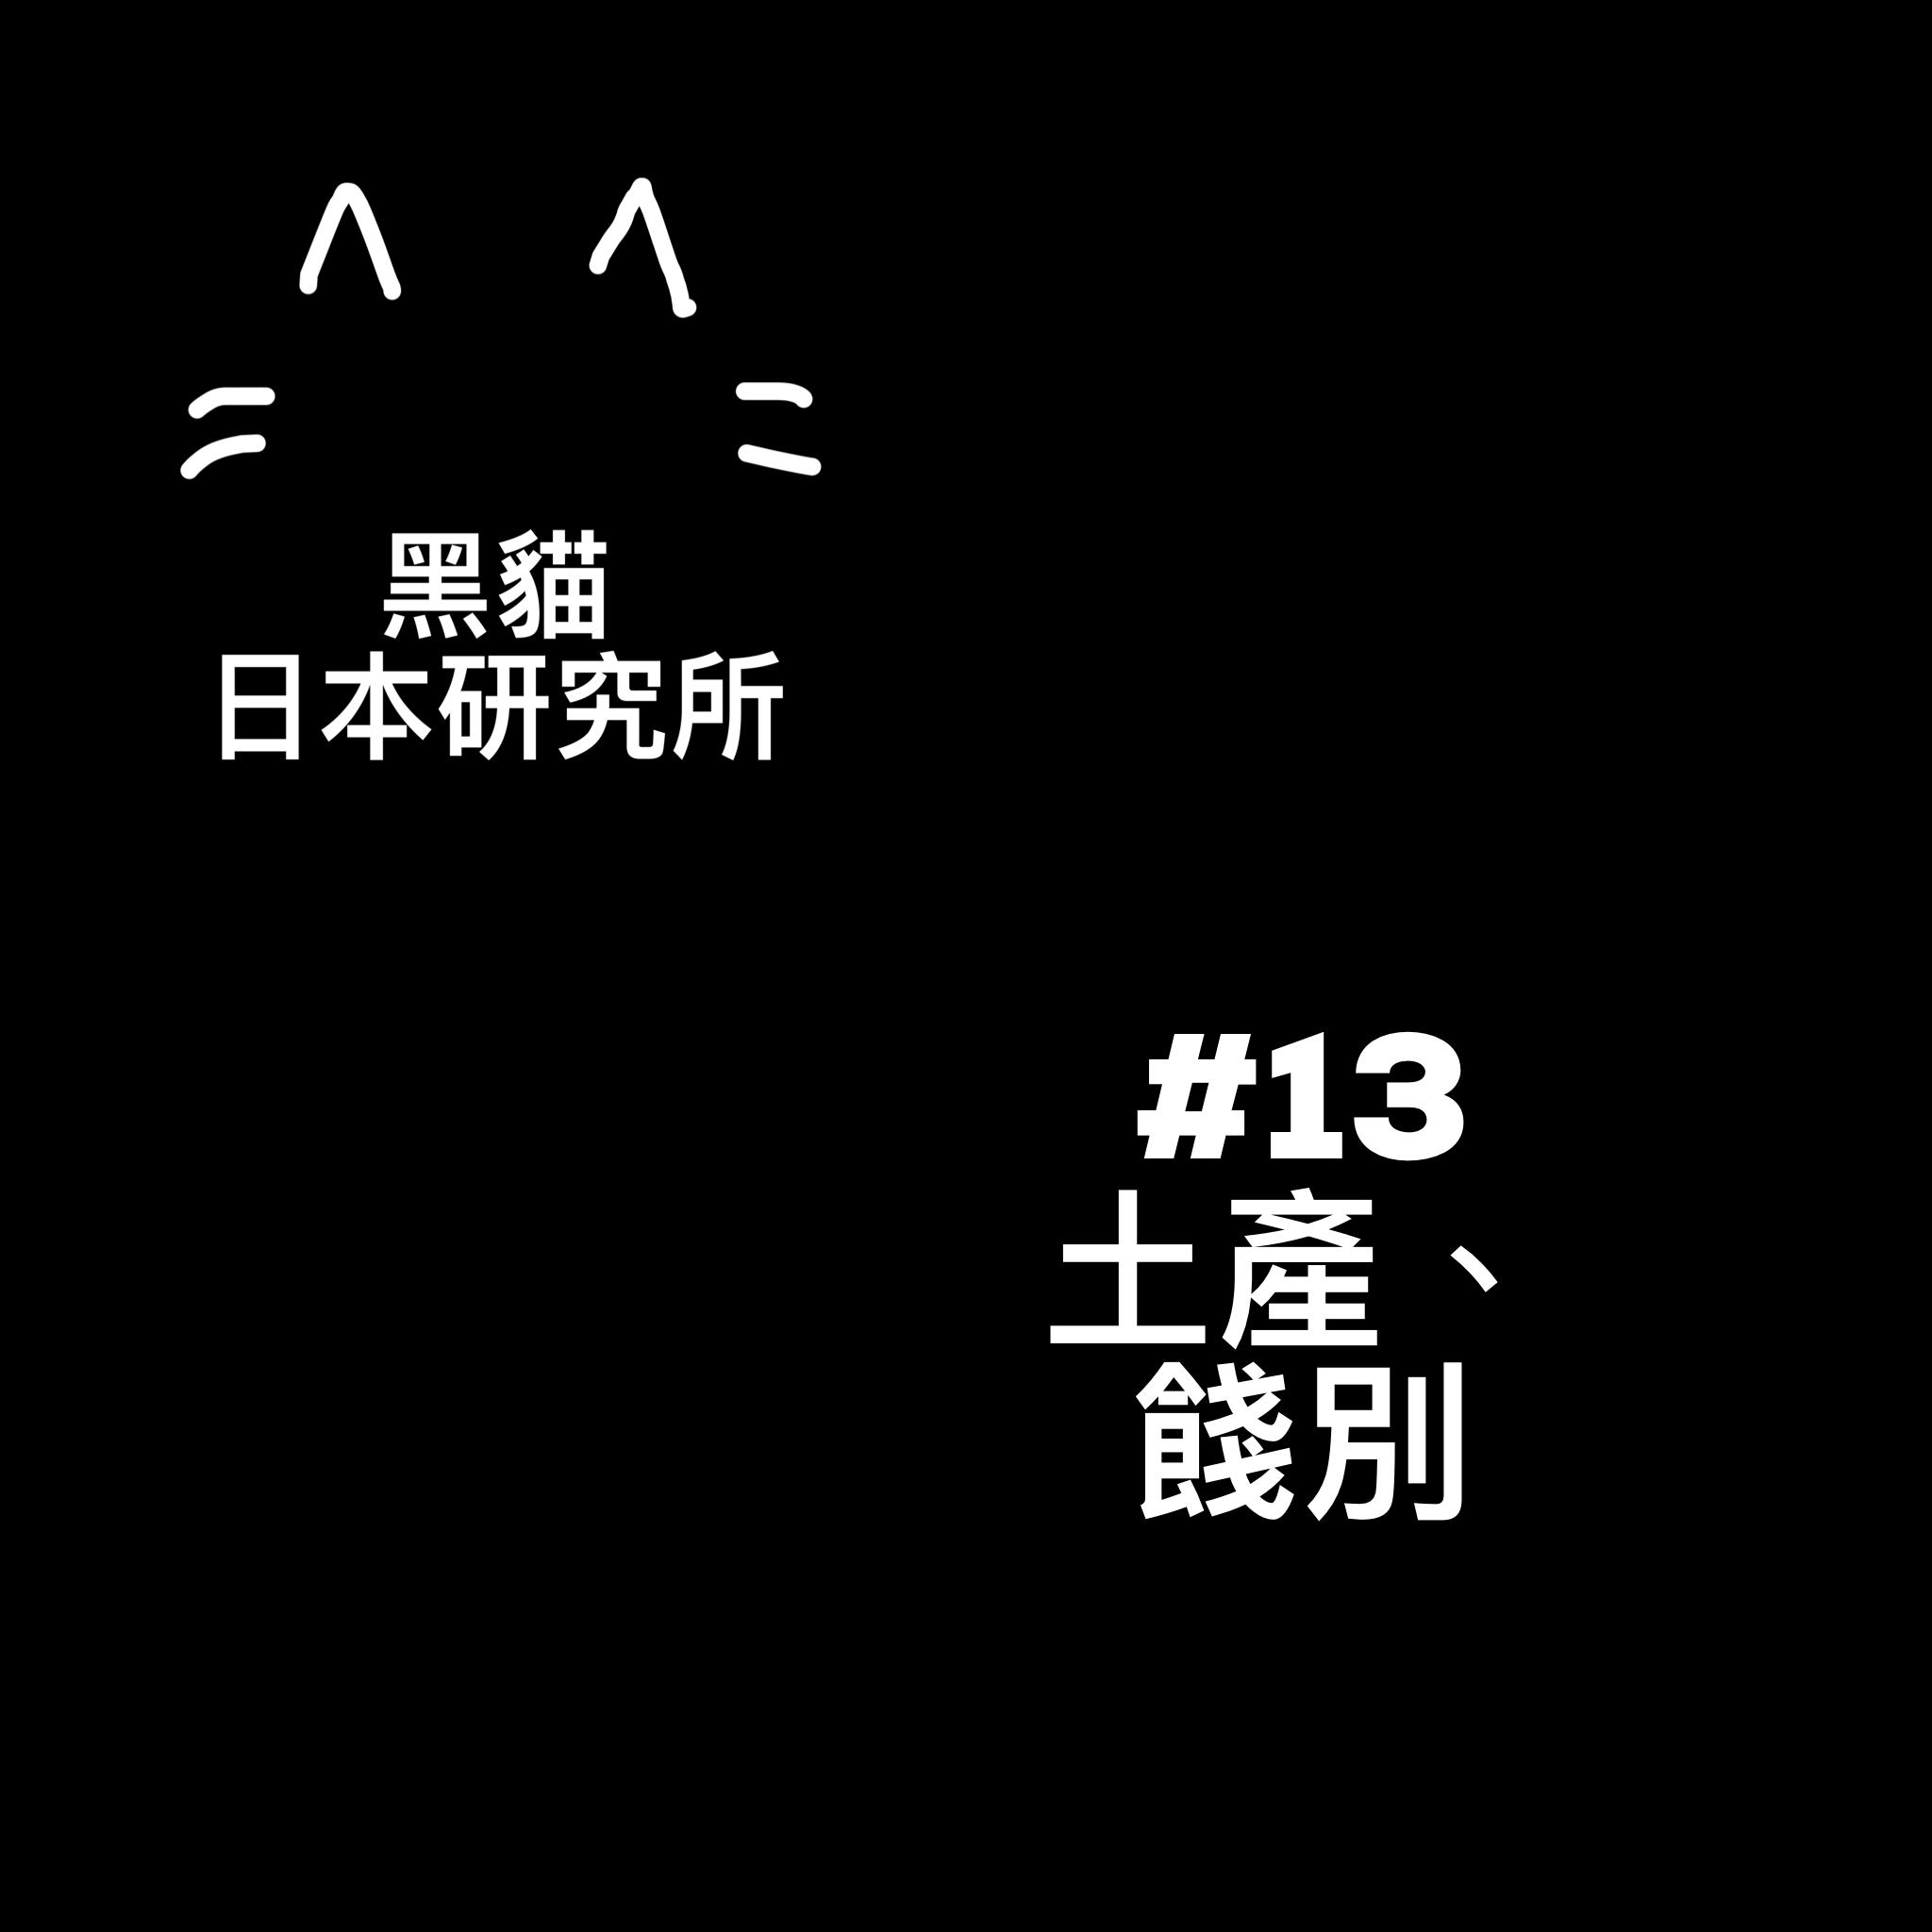 第13集 - 土產、餞別